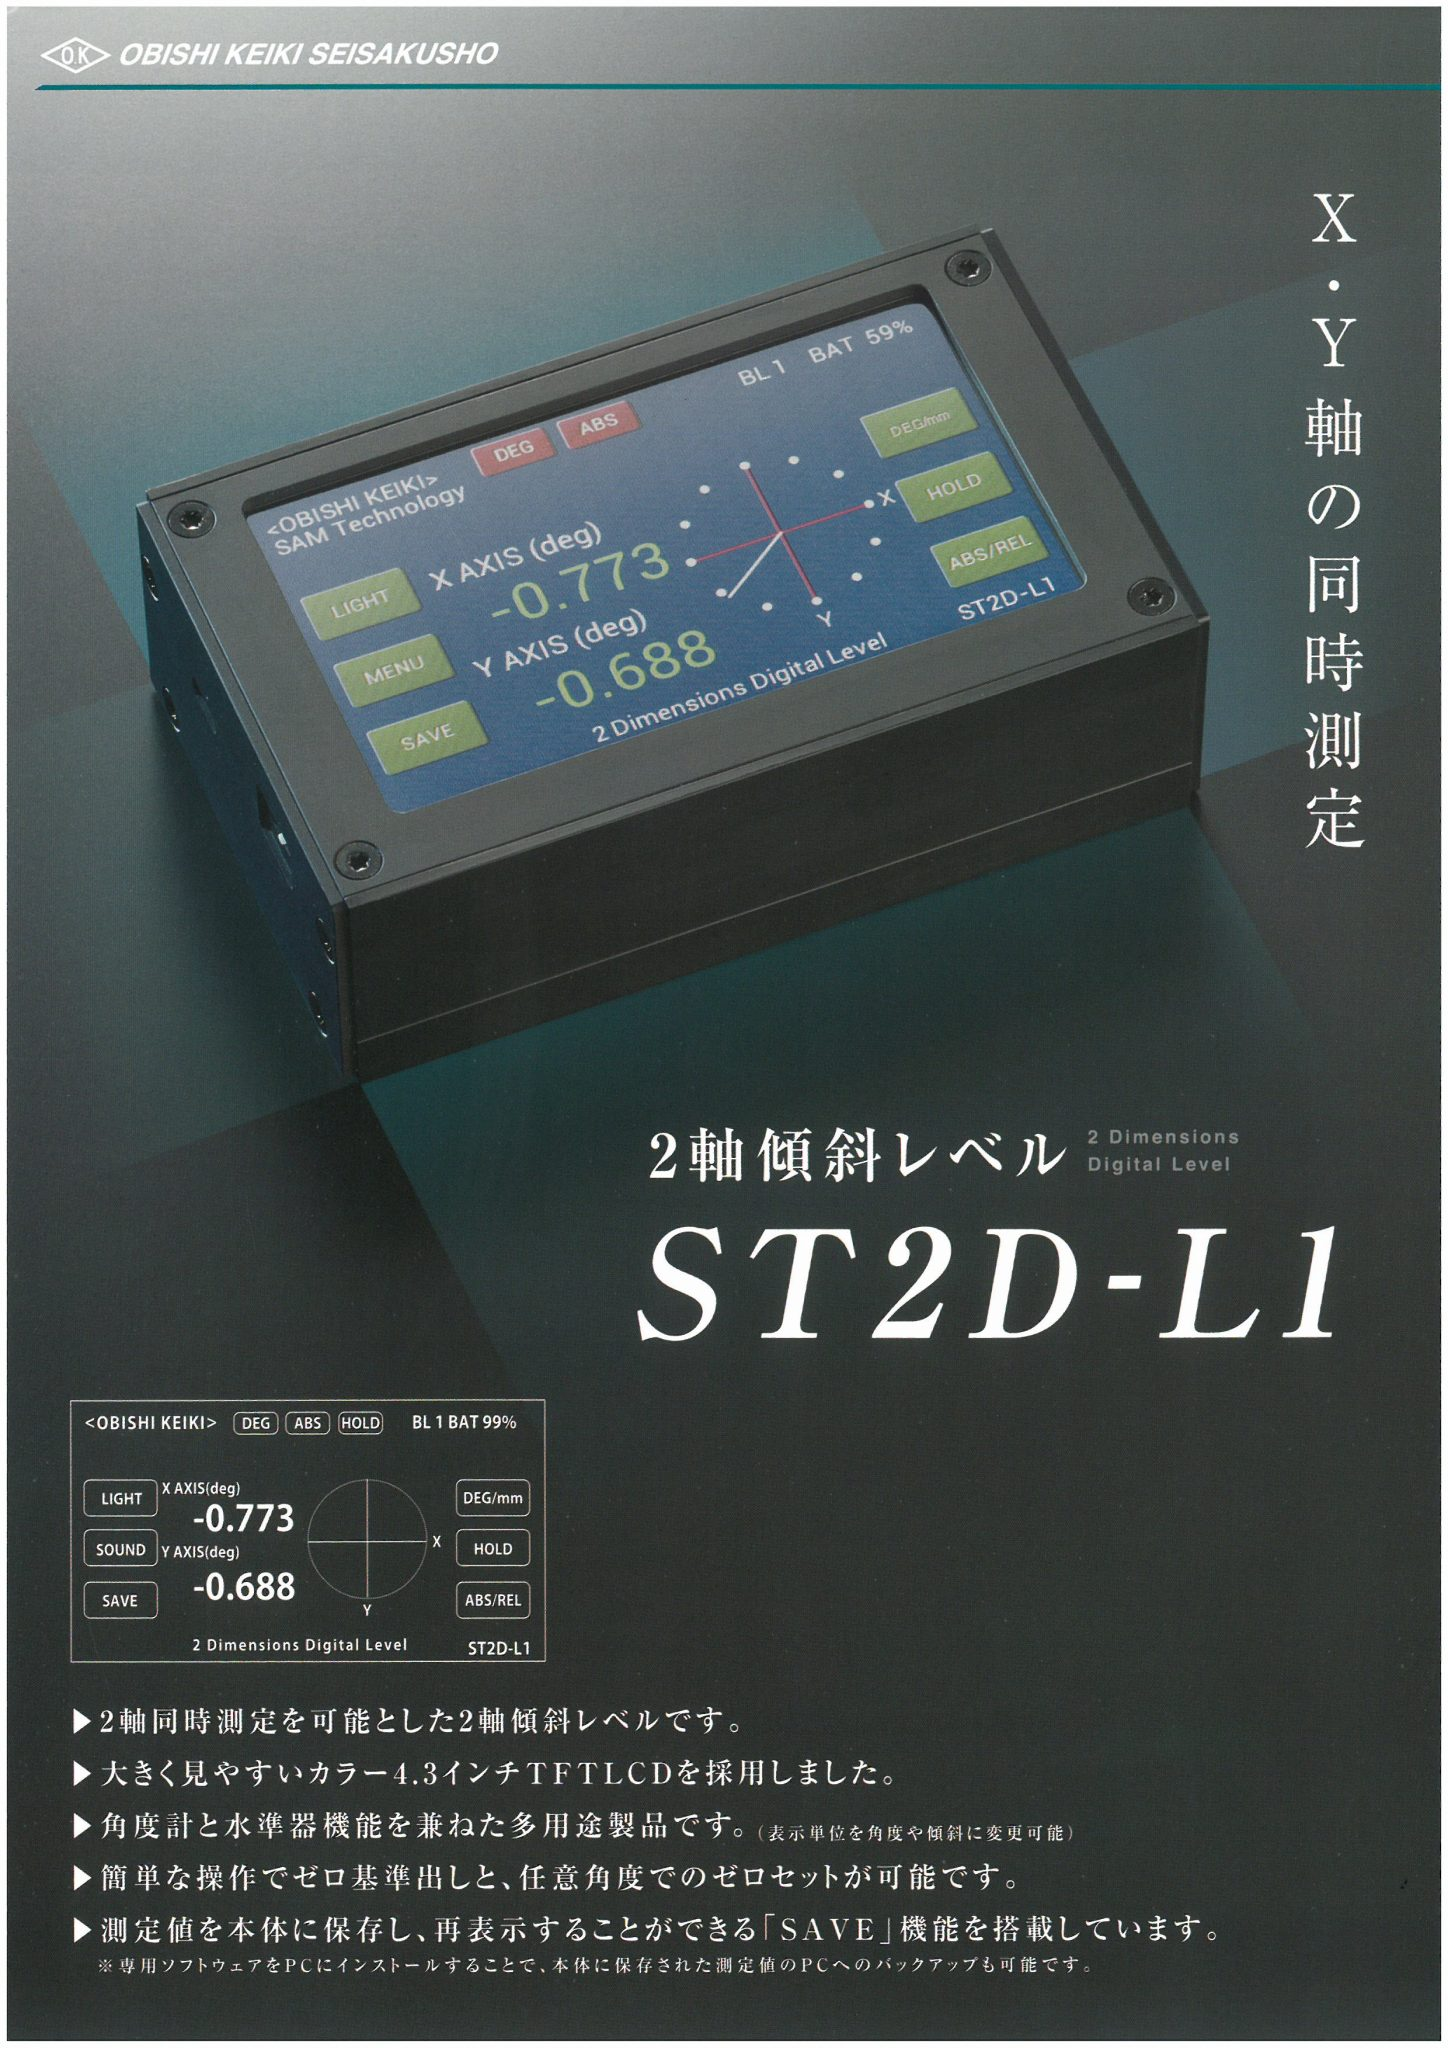 ST2D-L1表面